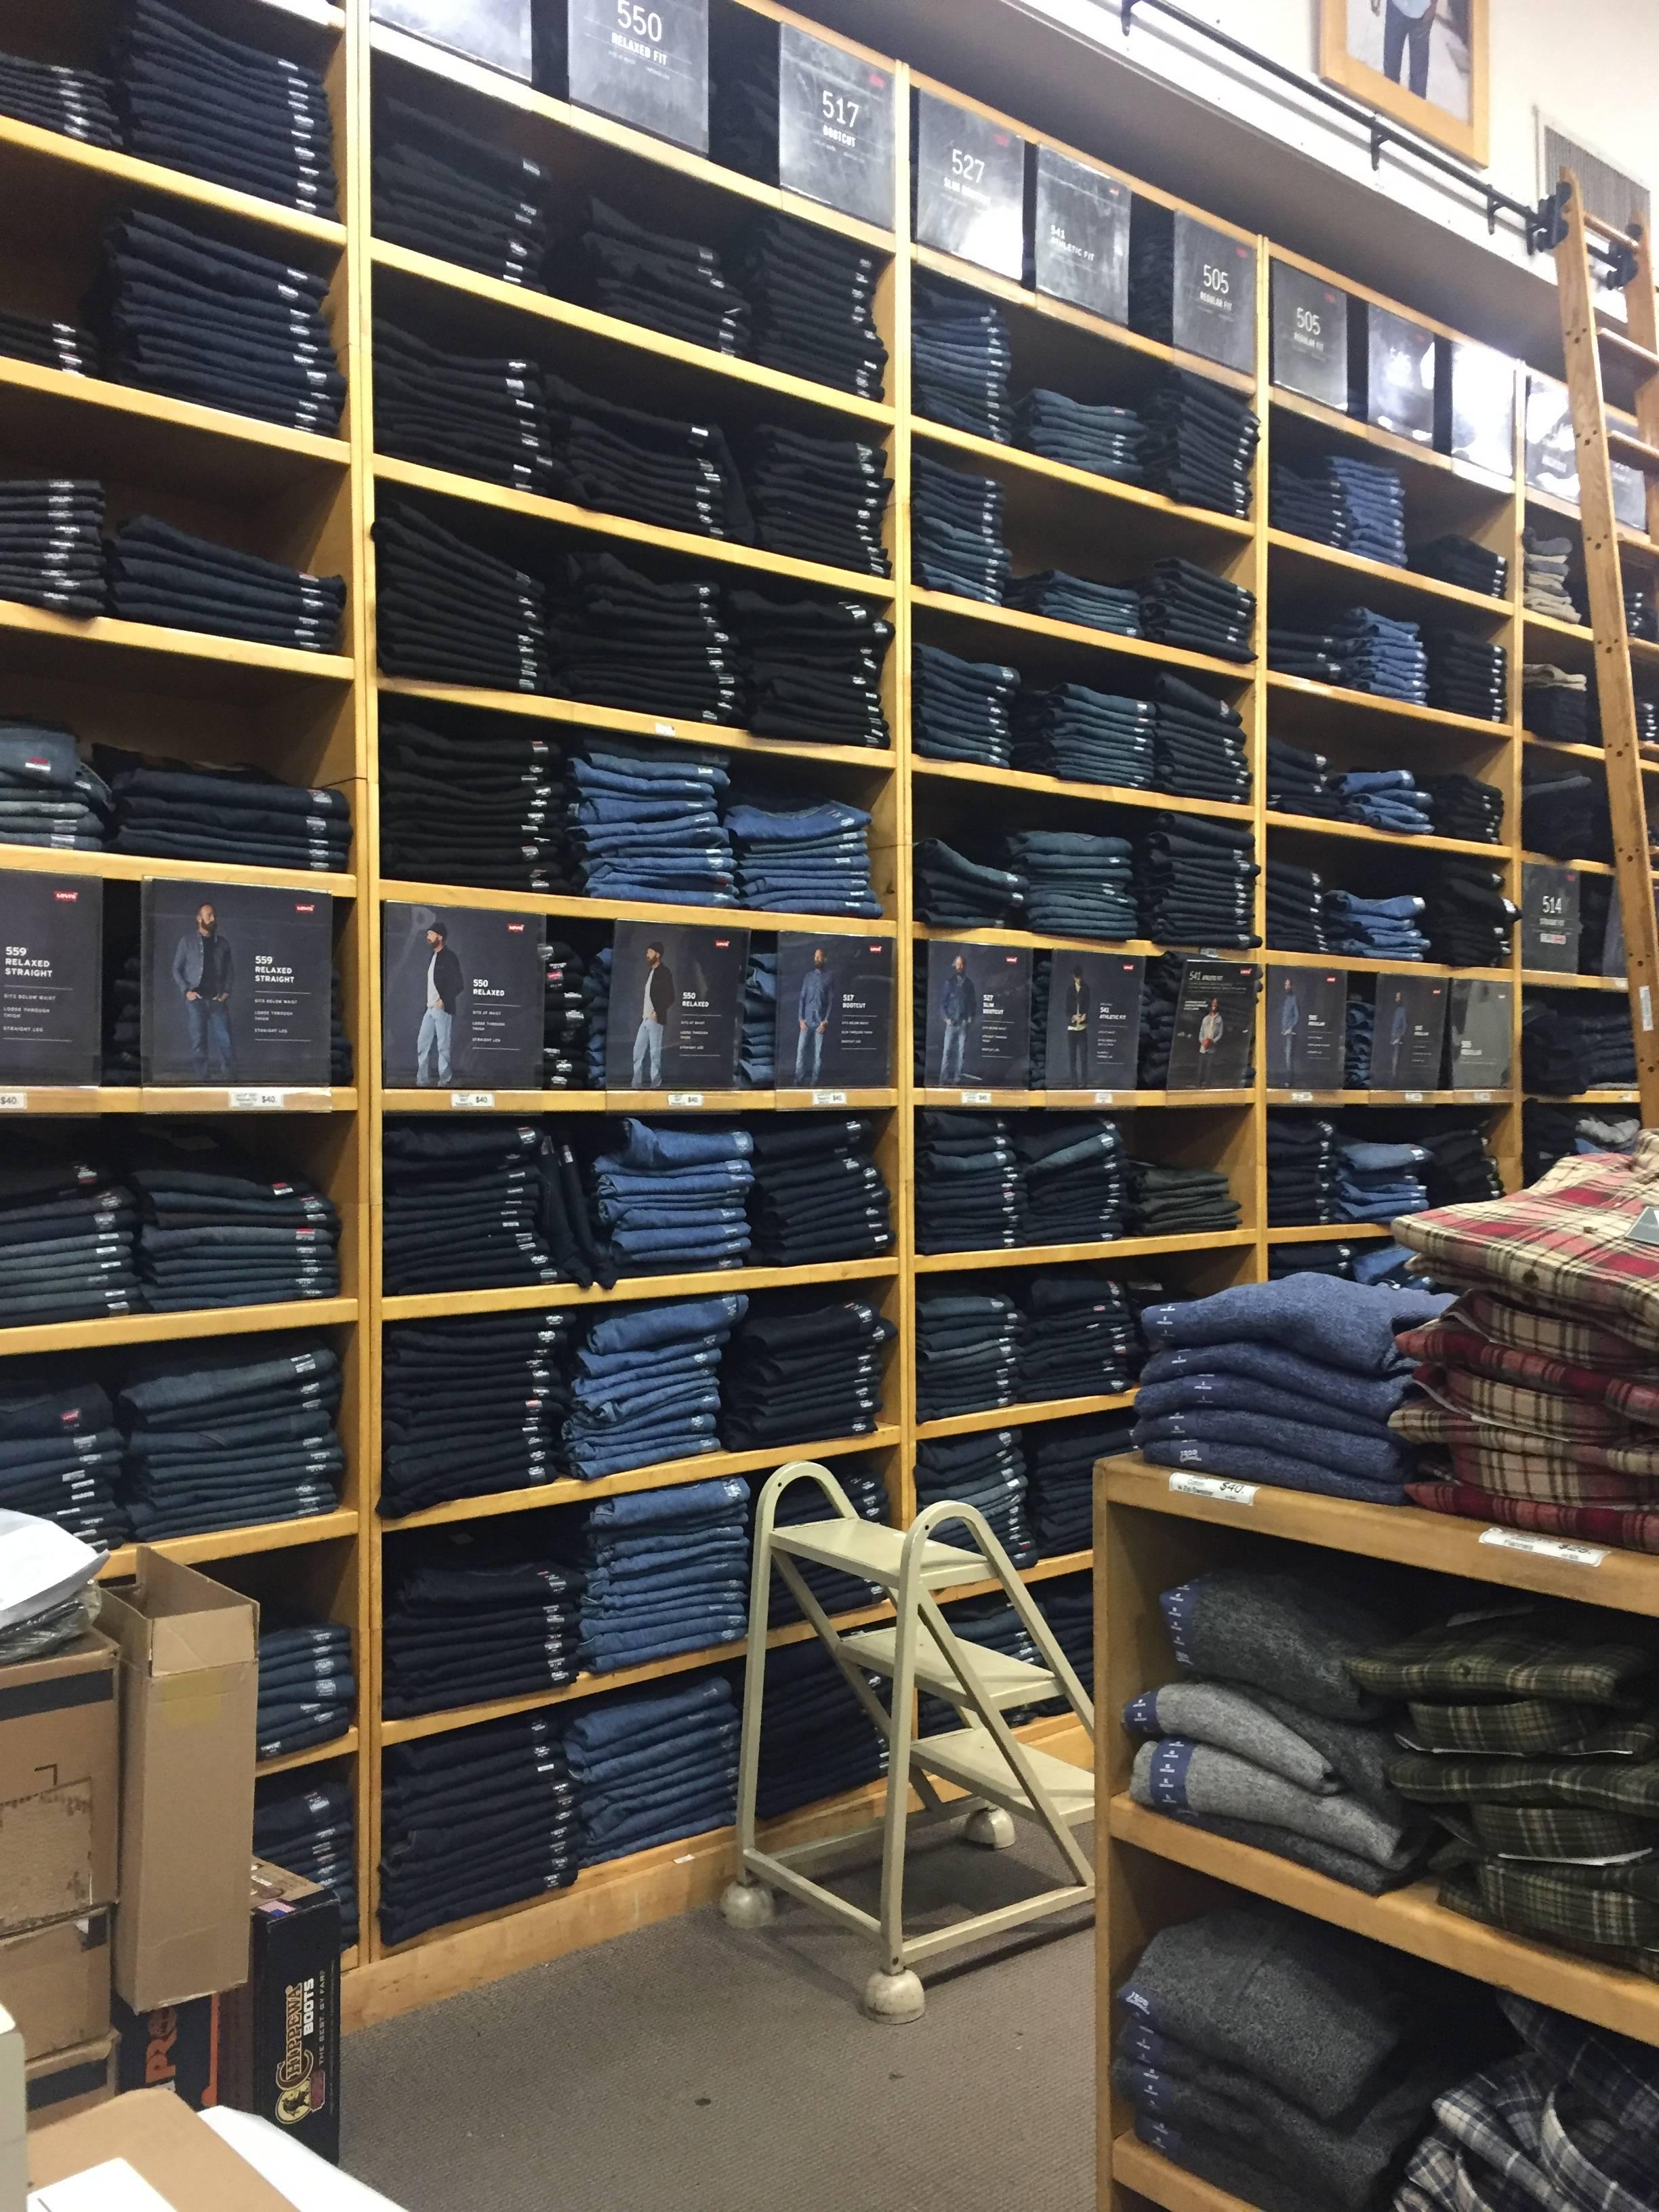 Photo 1: Dave's NY // ton Levi's à prix cadeau